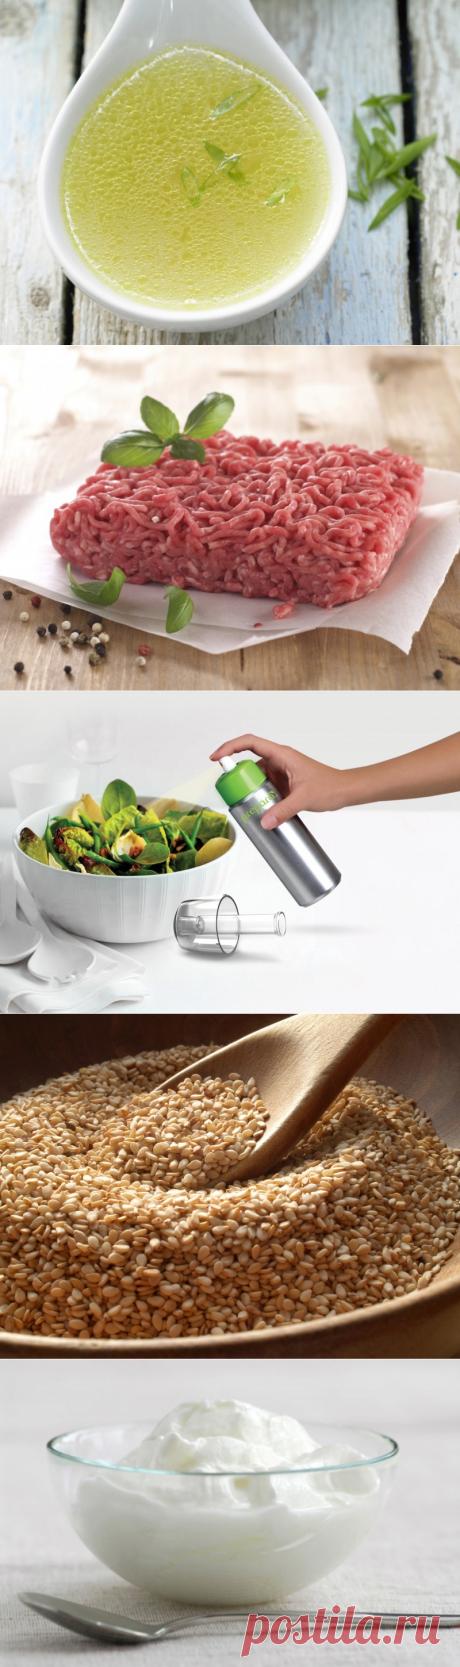 11 astucias de cocina, que ayudarán hacer la comida más útil — los consejos Útiles